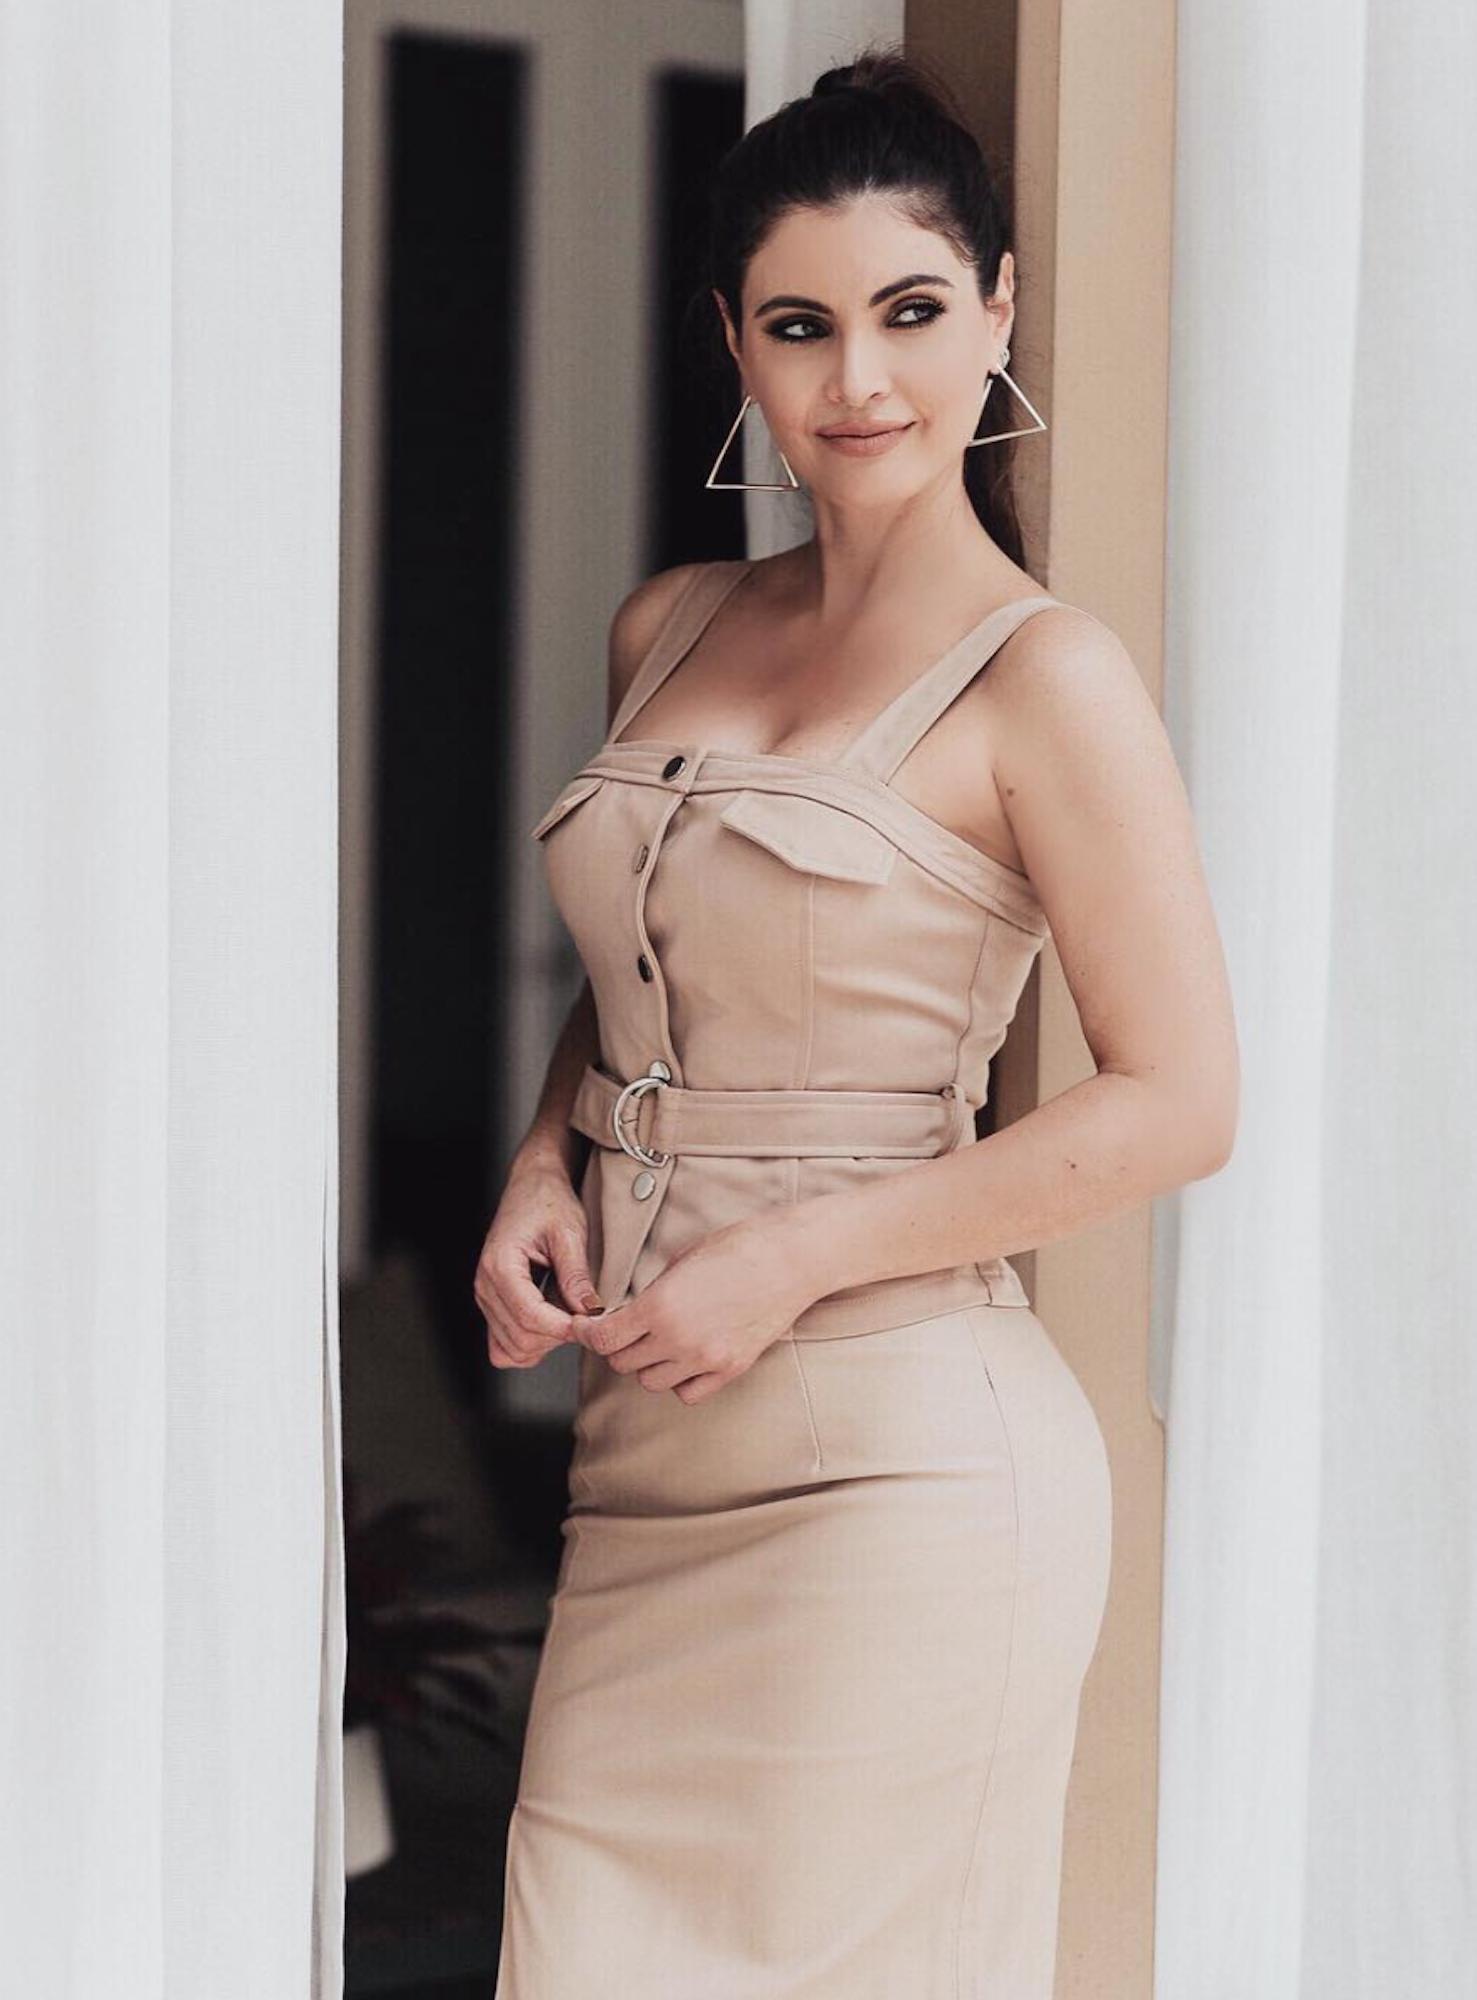 Chiquinquirá Delgado, estilo, famosa, vestido, look